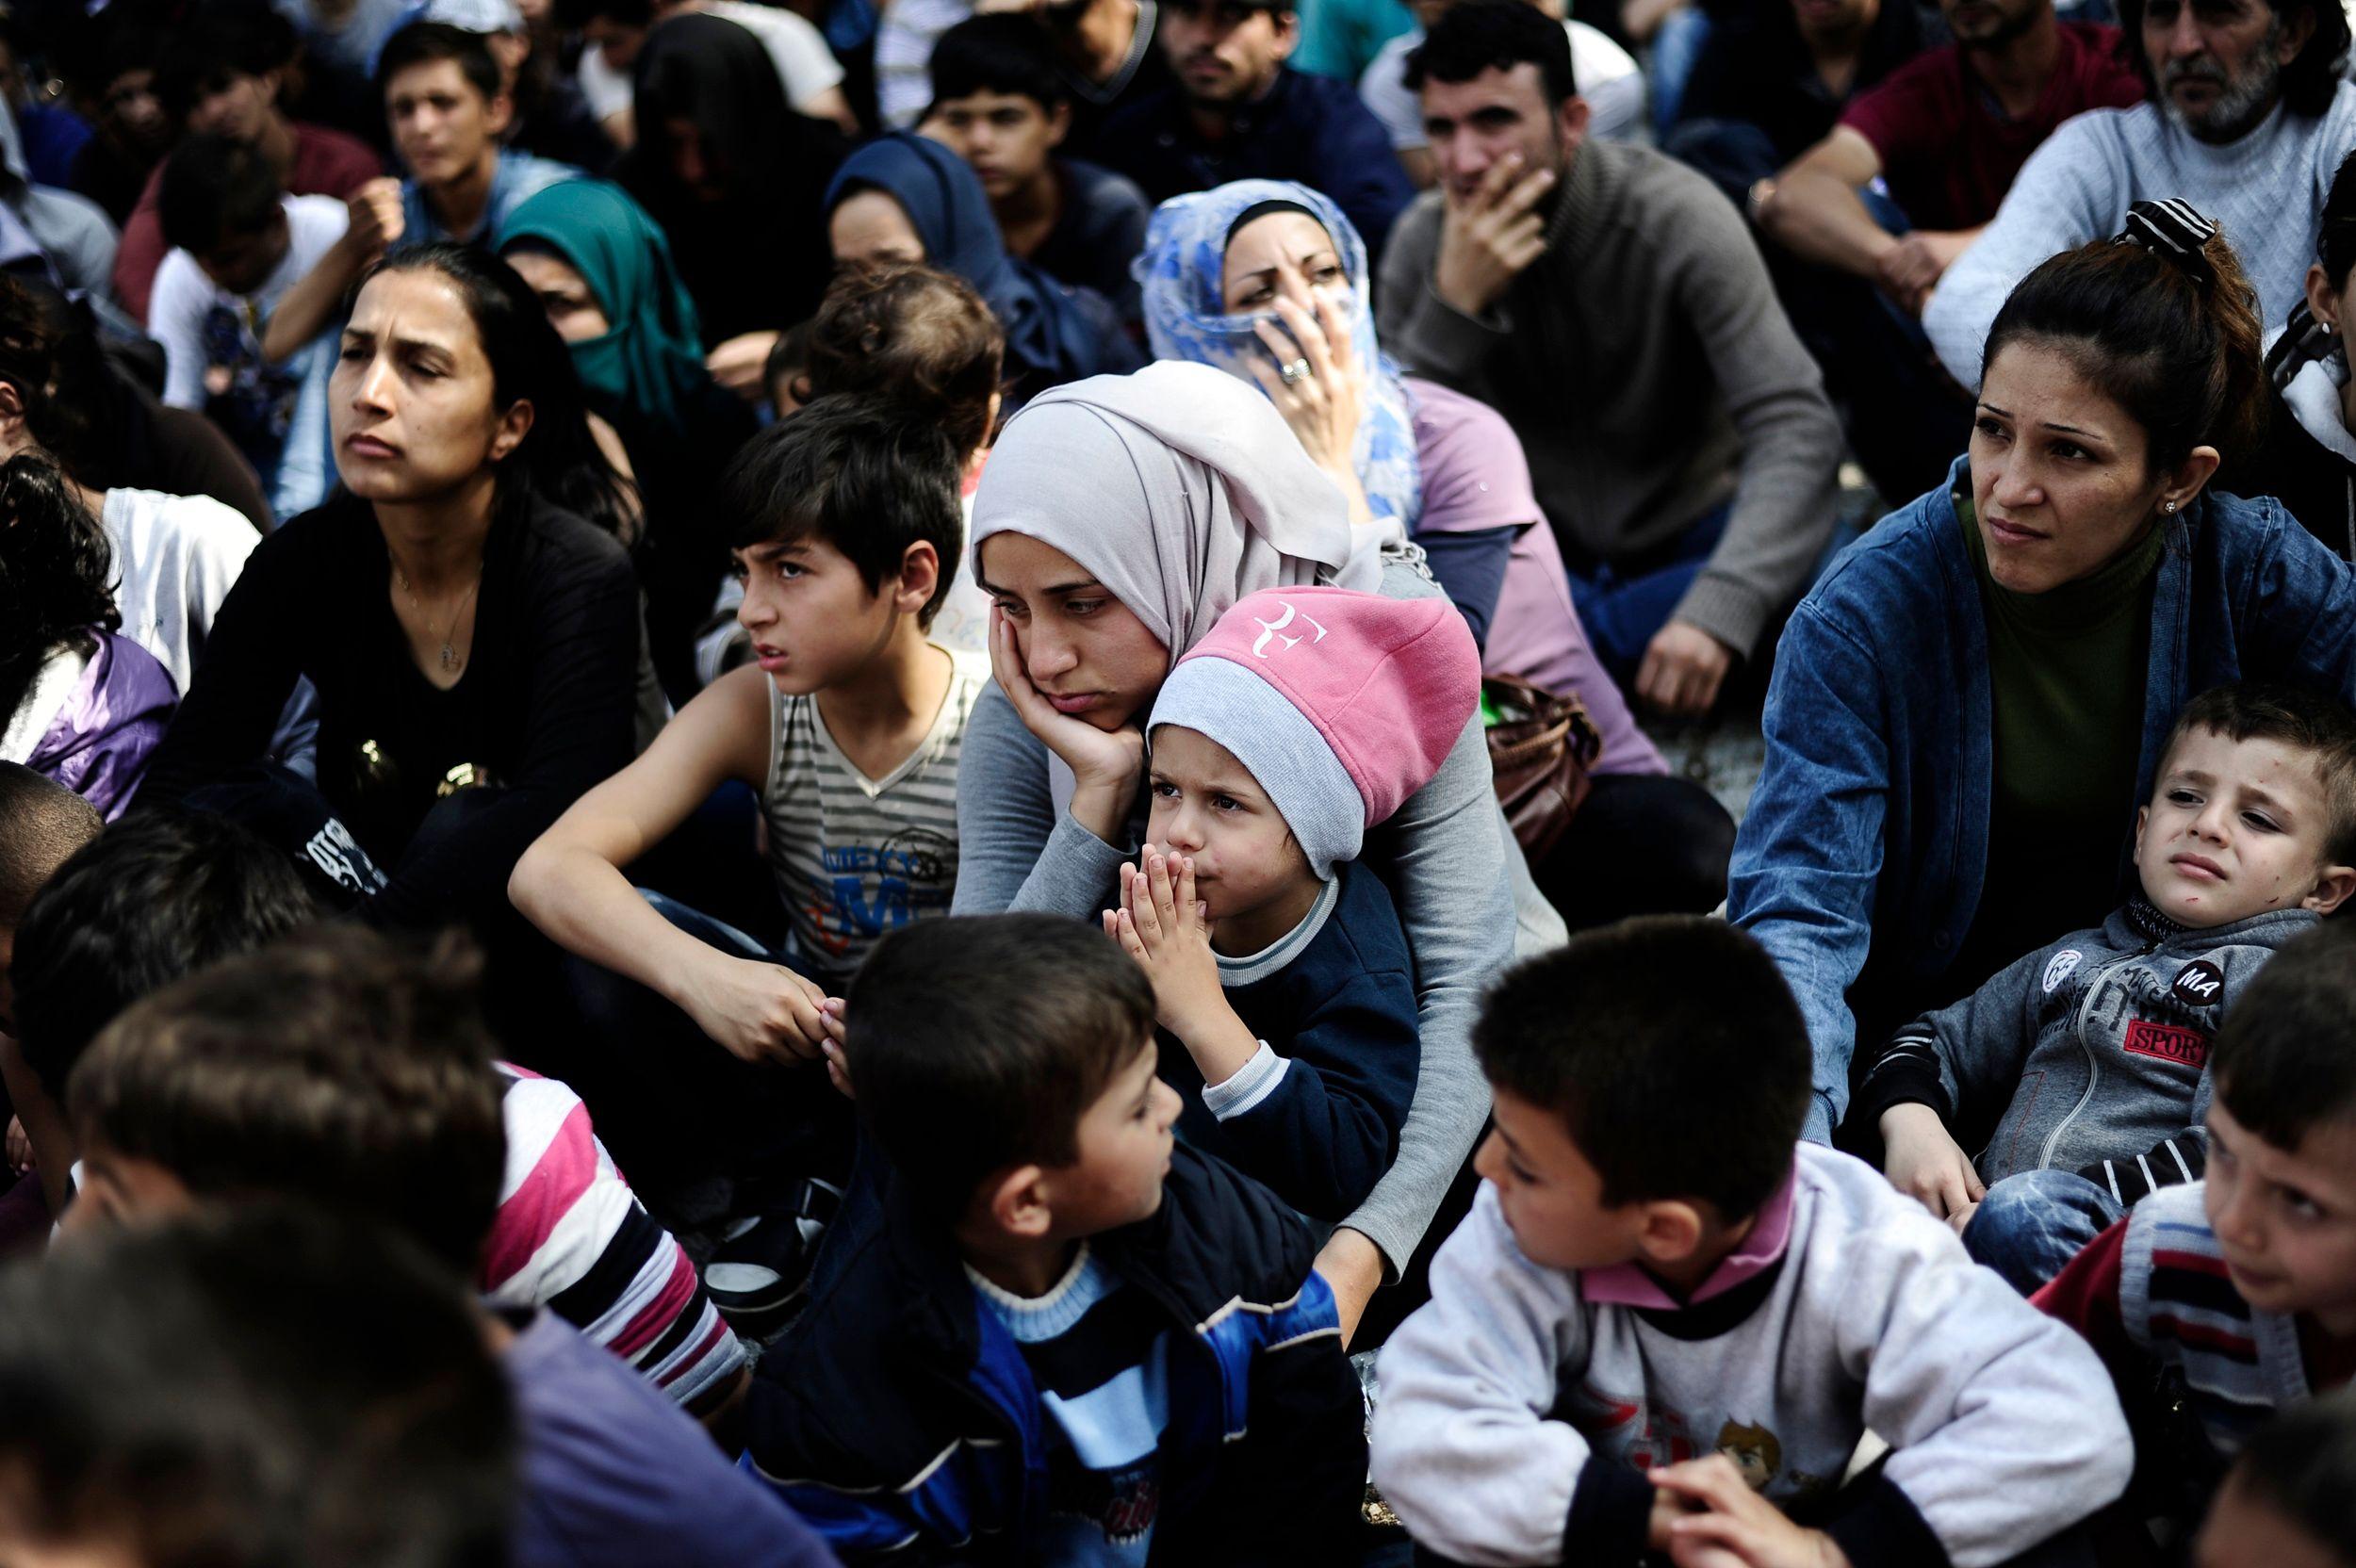 L'Allemagne a déjà enregistré 965 000 demandeurs d'asile en 2015